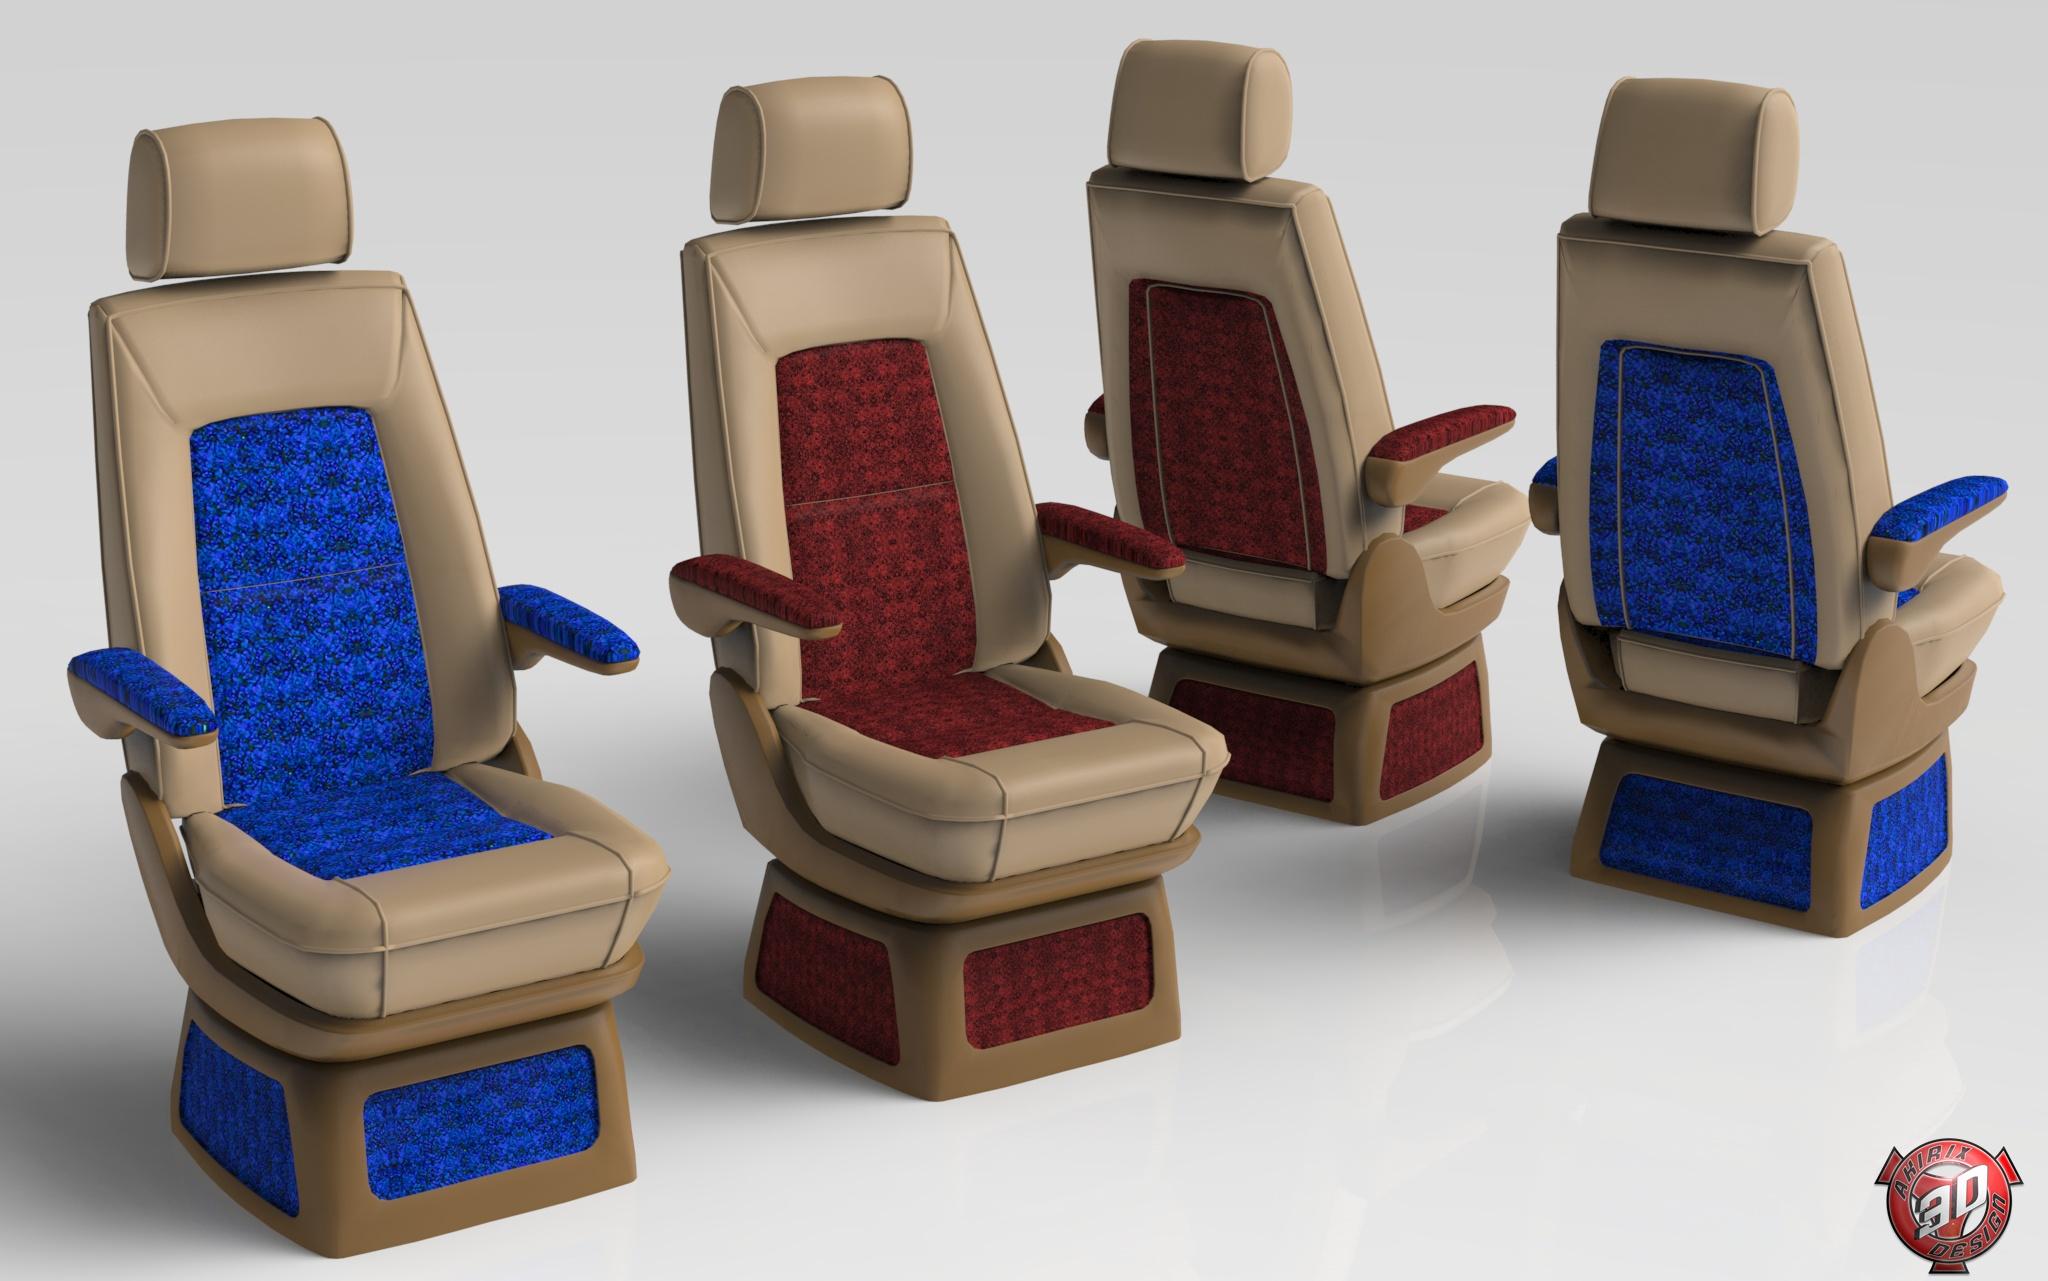 3D Truck Interior Seats Model Pack